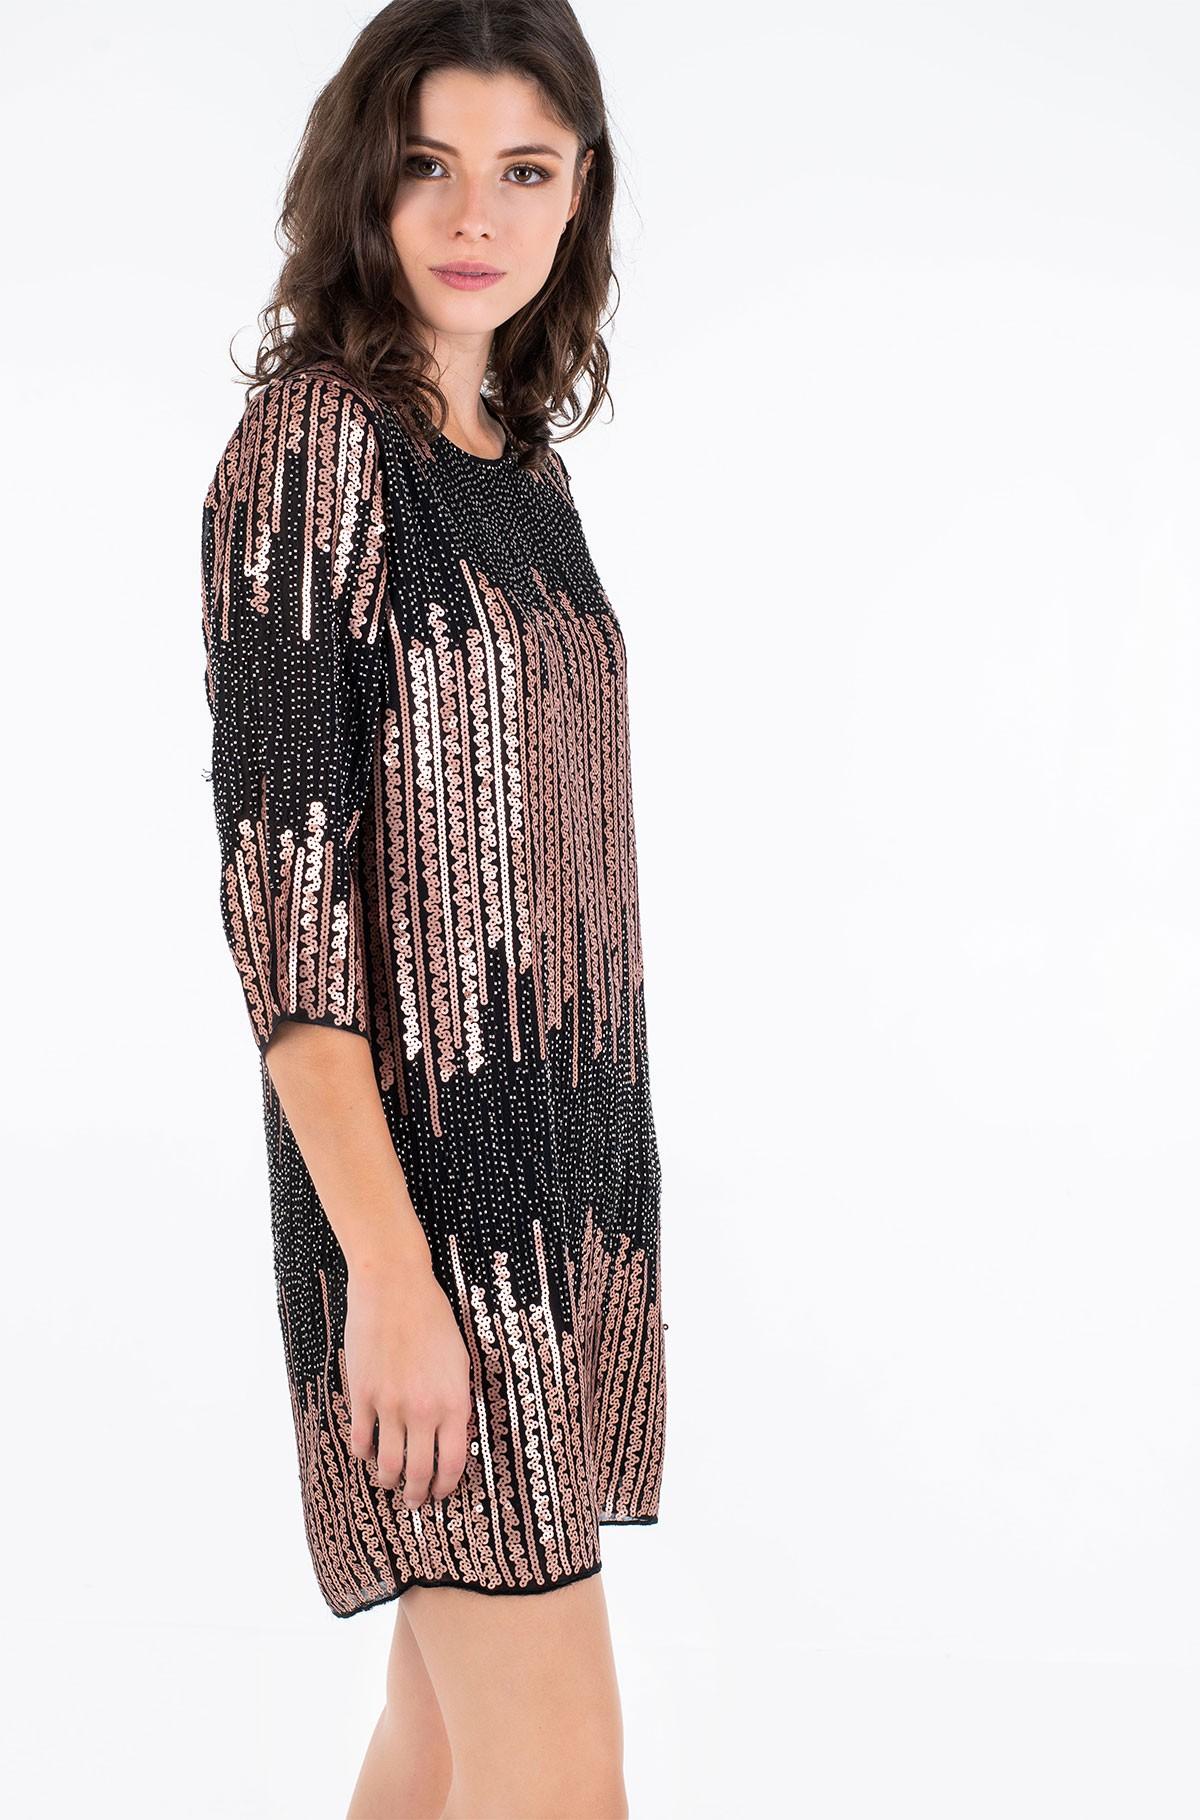 Suknelė su žvyneliais W727H20-full-2